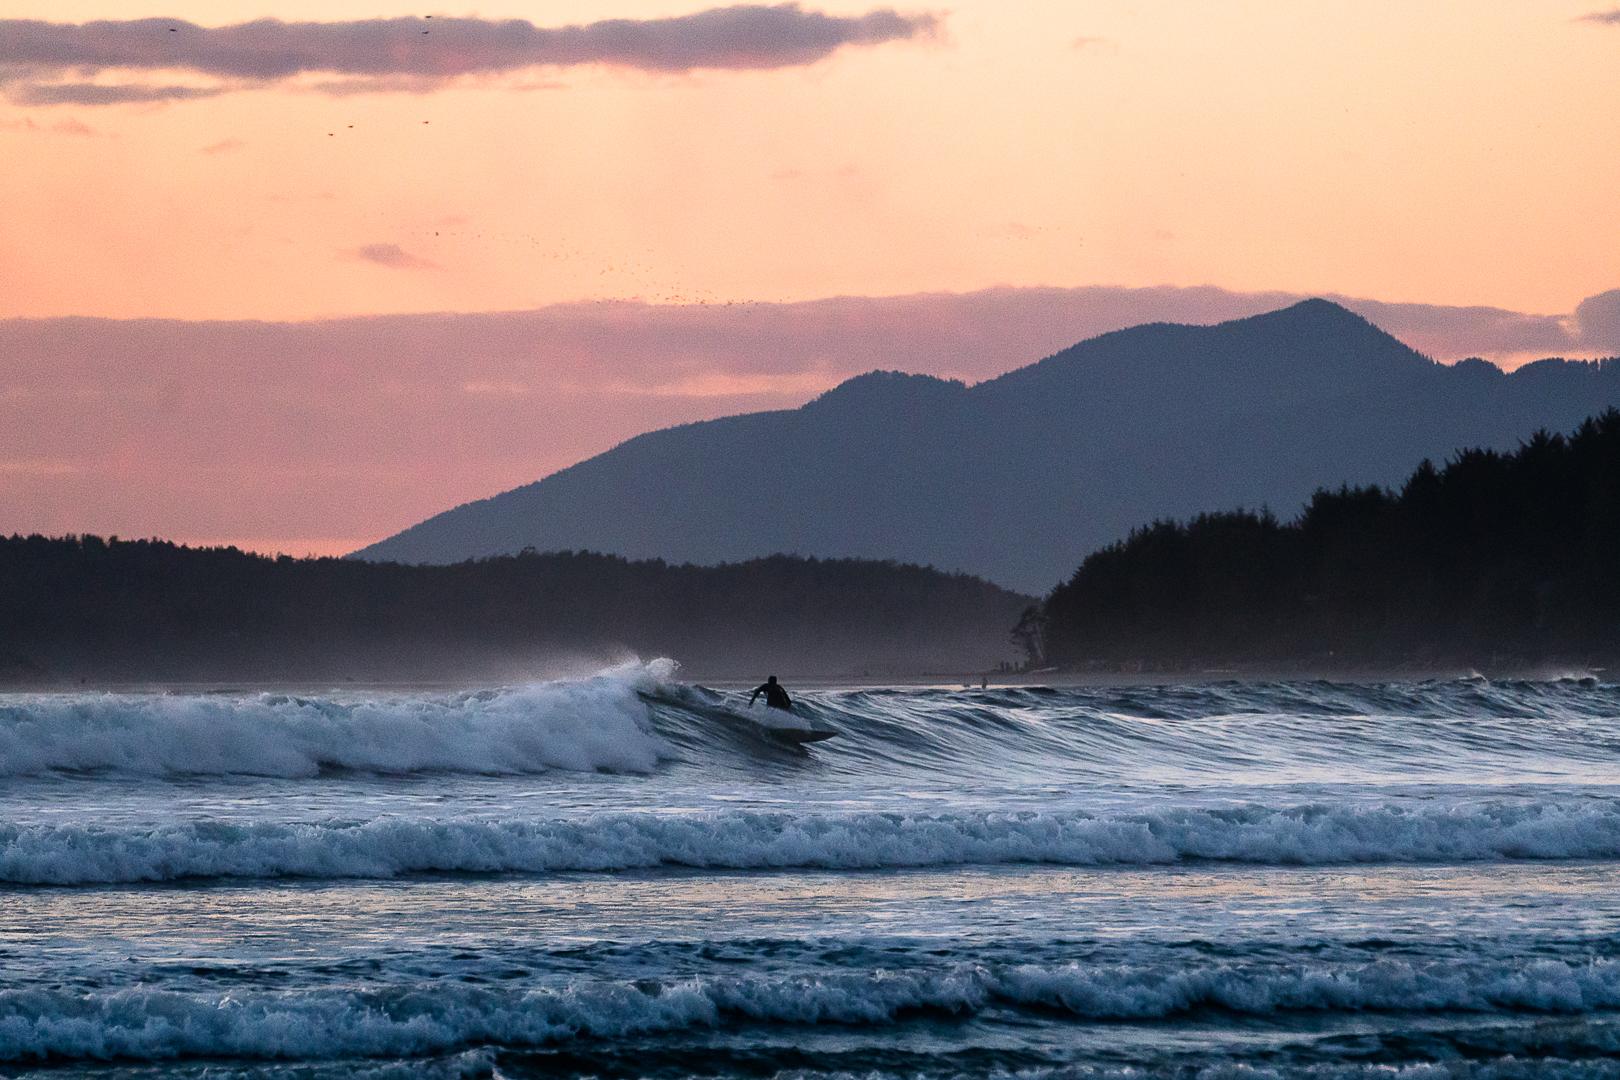 tofino-cox-bay-surfing-herron-00755.jpg